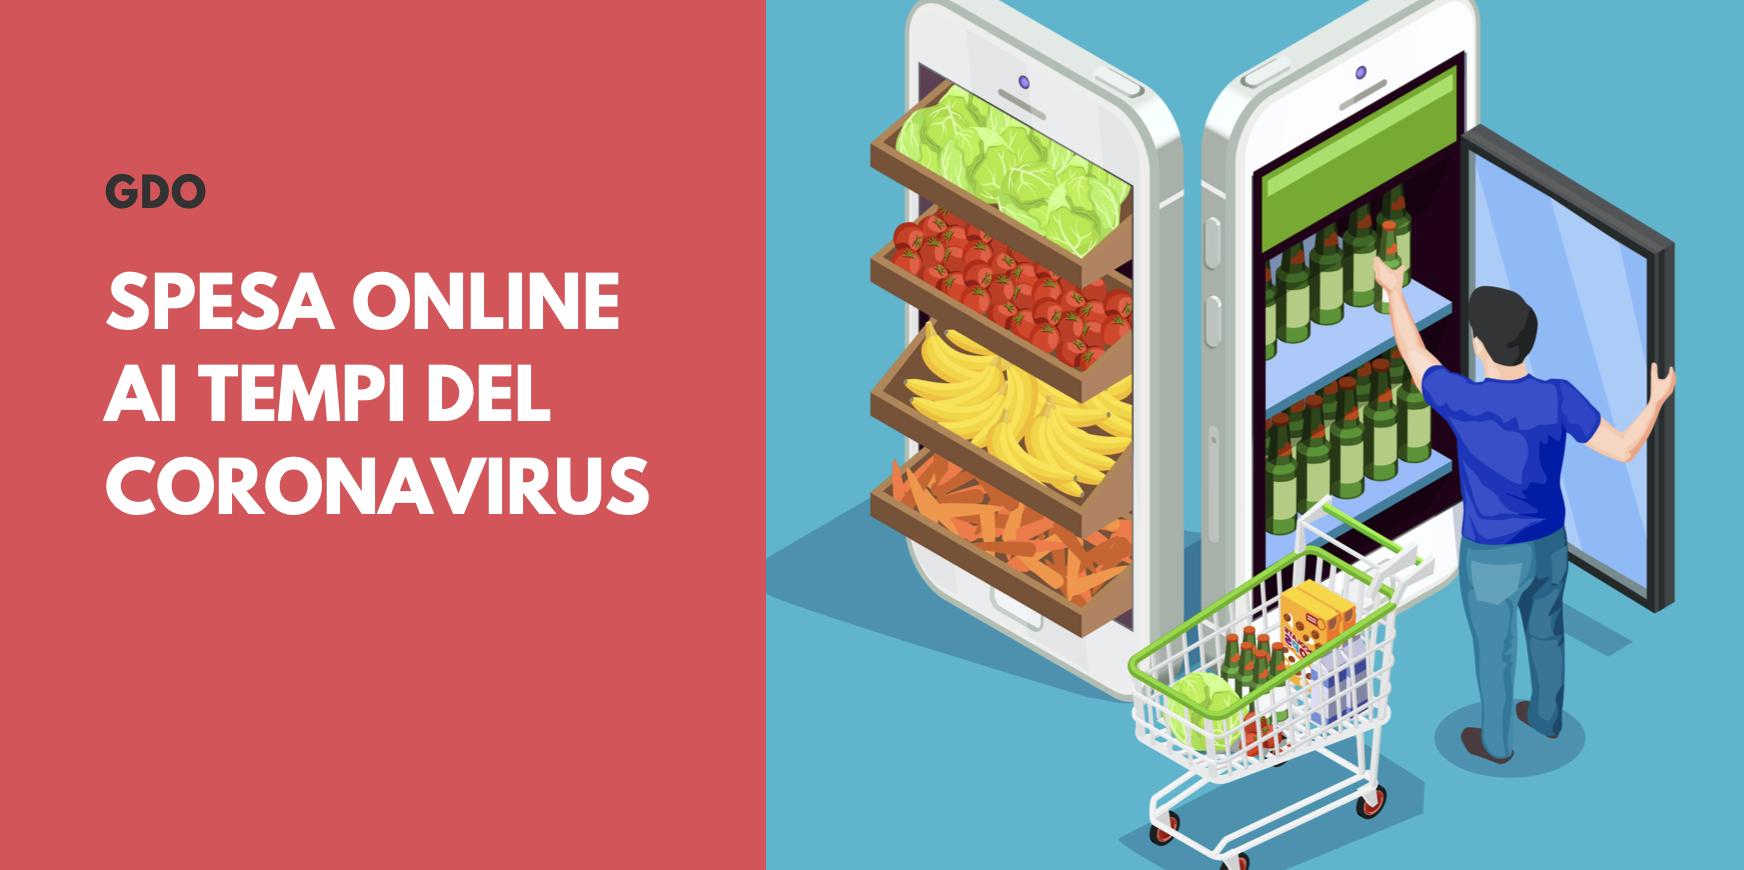 GDO, trend accesso ai siti per la spesa online durante il blocco per Coronavirus